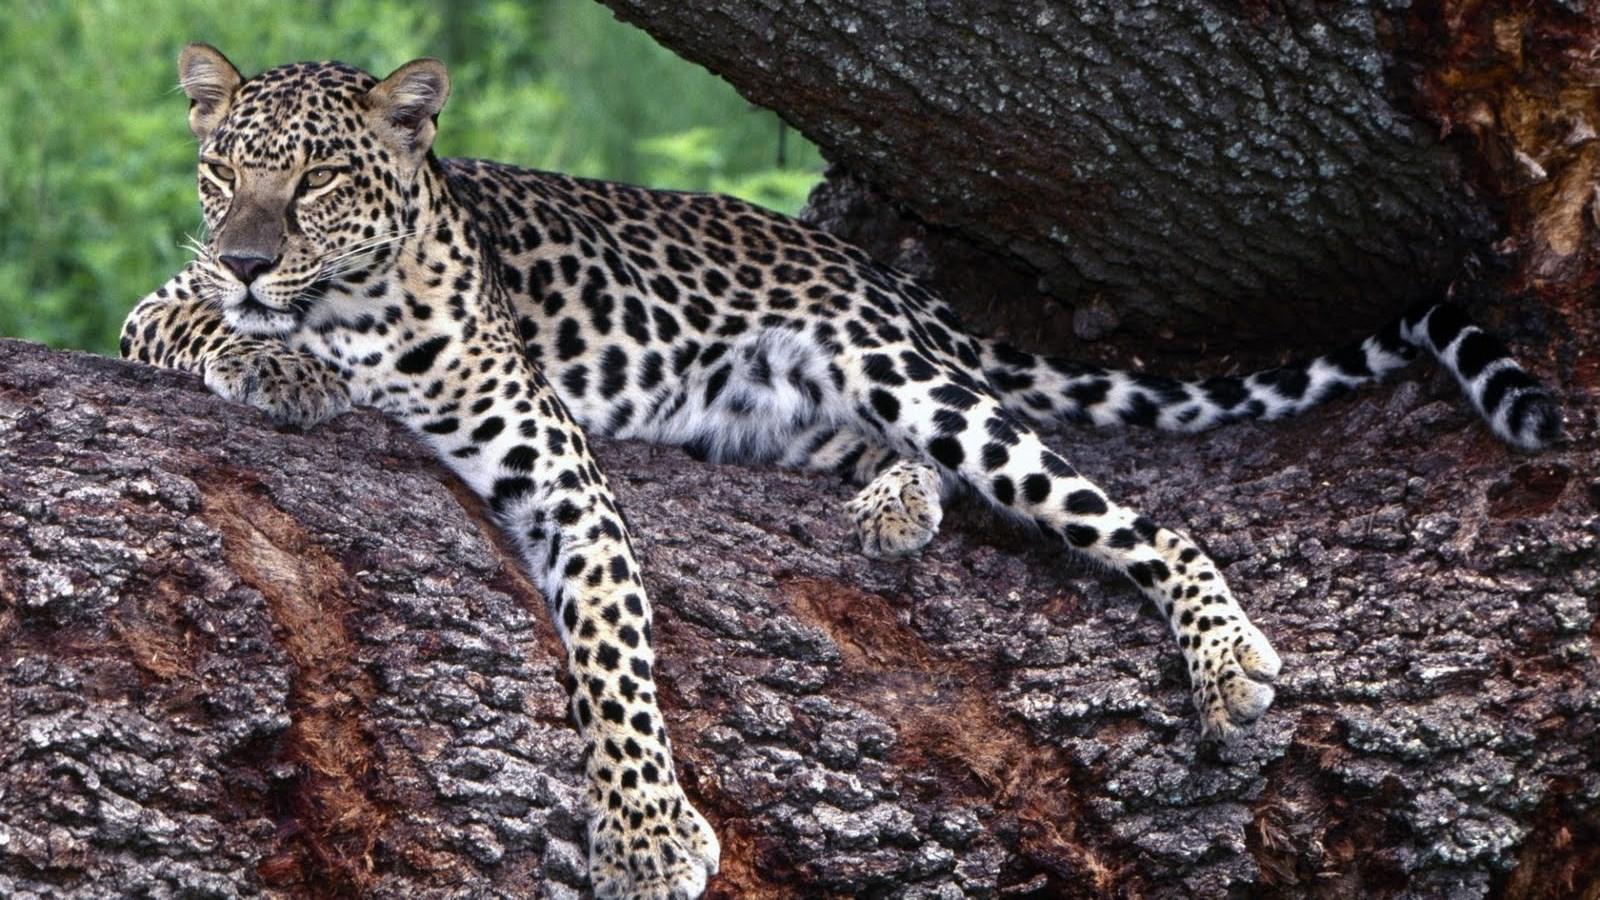 http://4.bp.blogspot.com/-UGr-g7vz7aI/TxfWm0kAdOI/AAAAAAAAAiI/8pK_vf2nGSc/s1600/Cheetahs-on-tree-1600x900-HD-Wallpaper.jpg